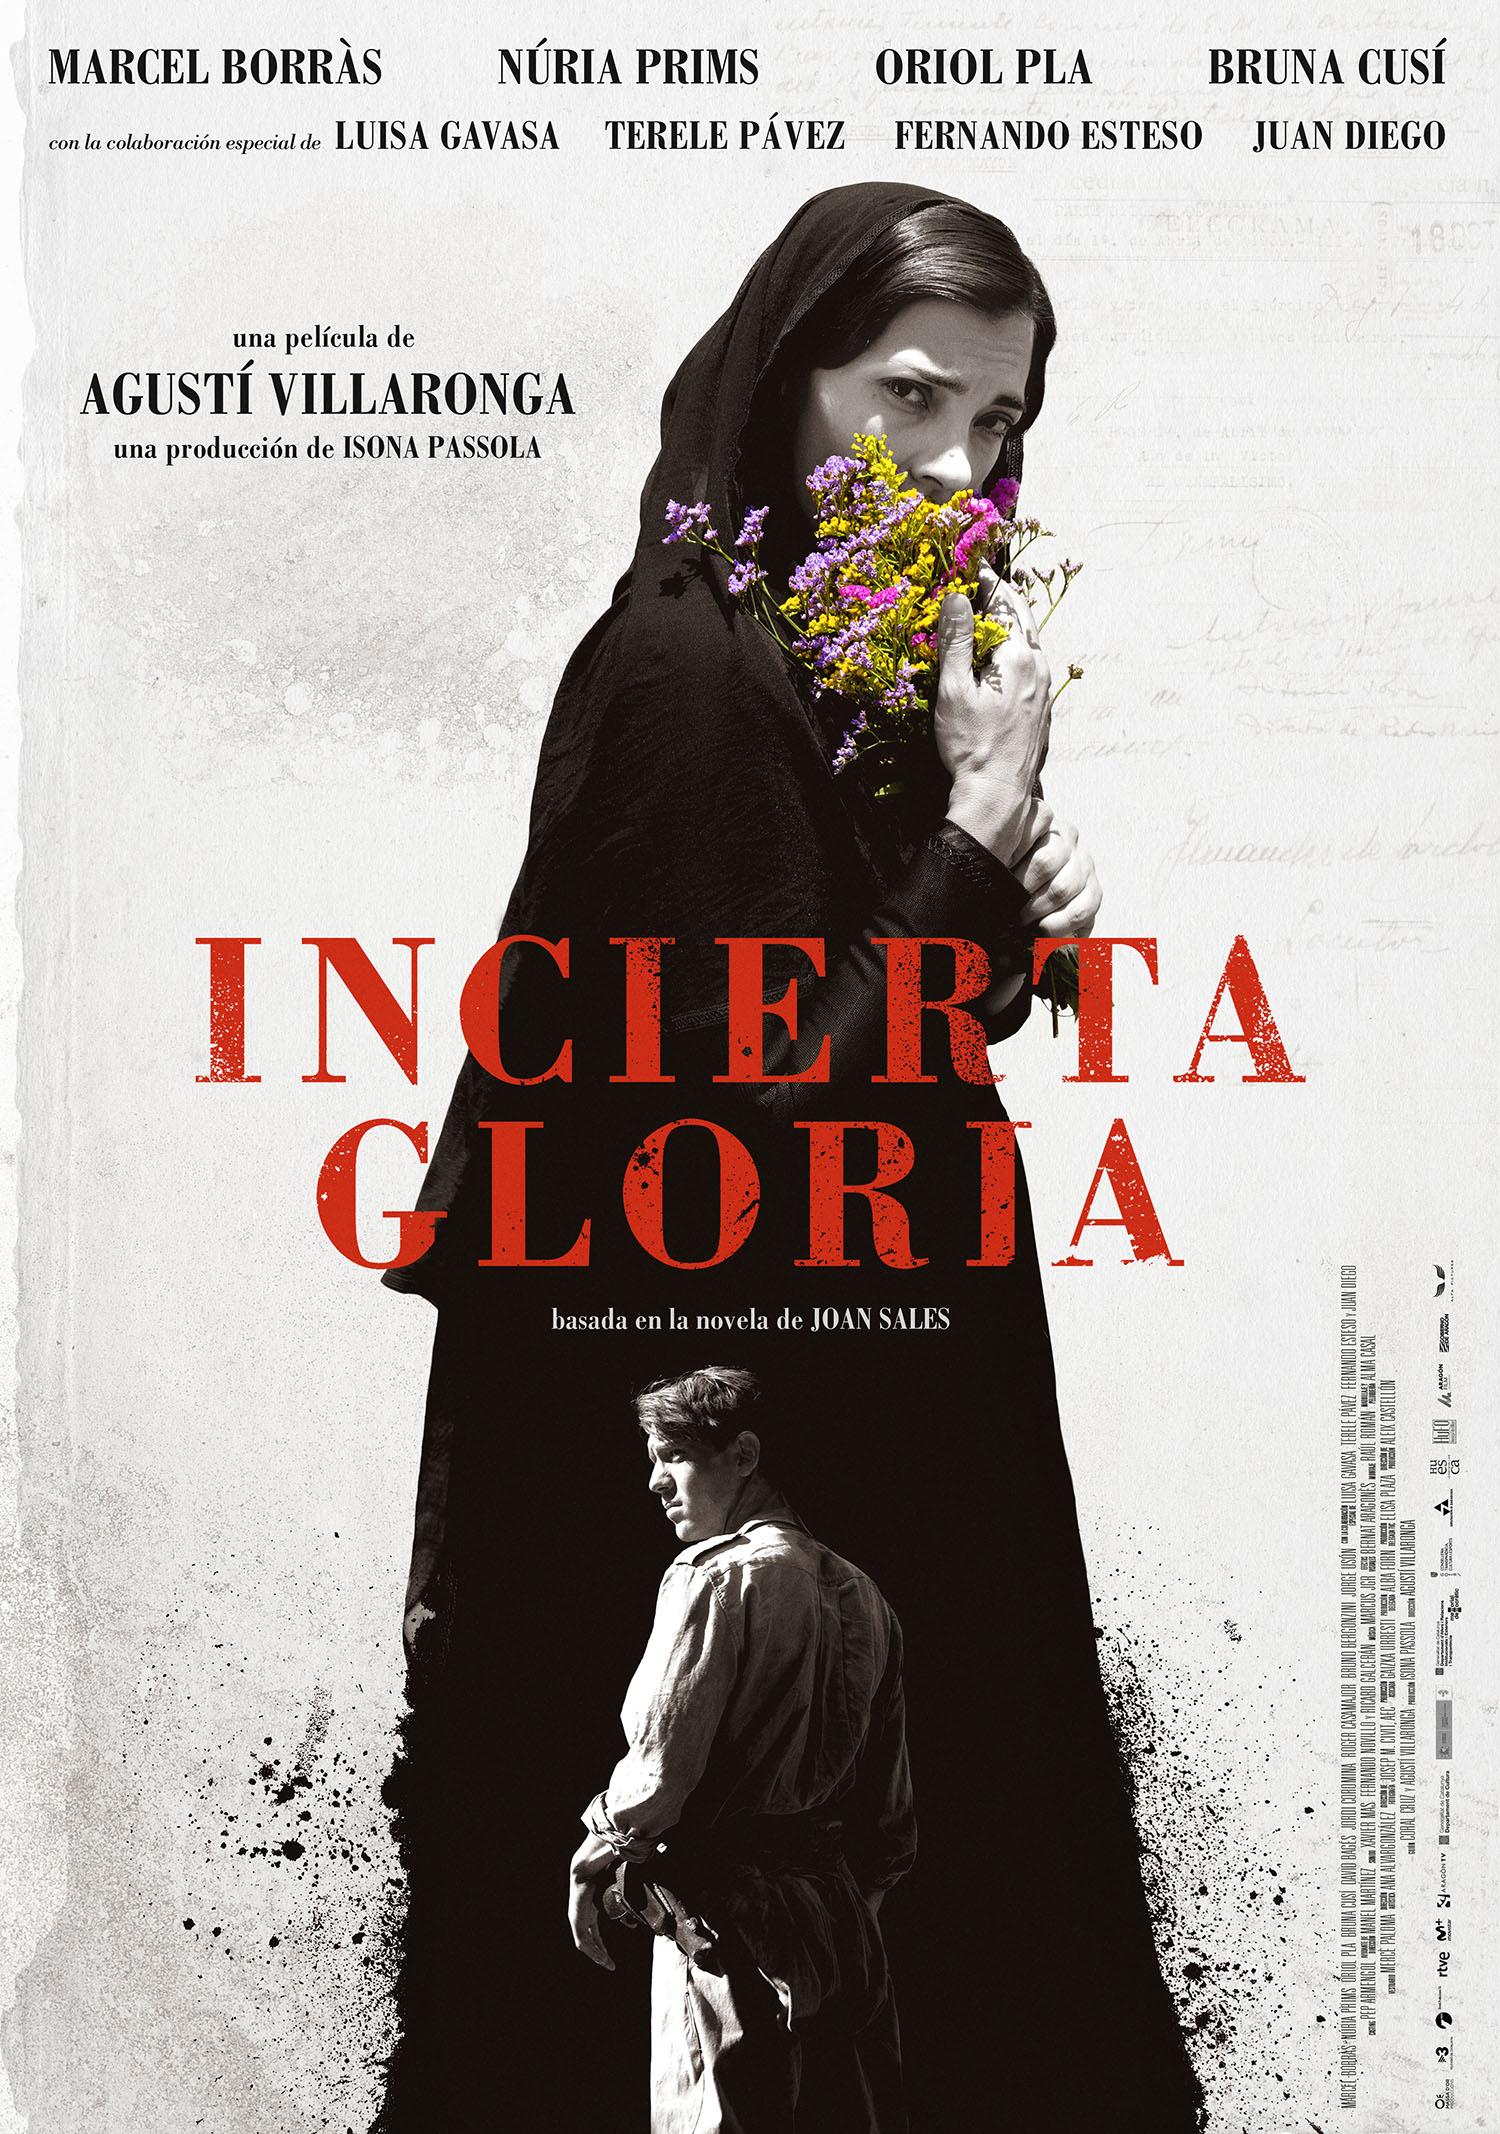 Inciertagloria